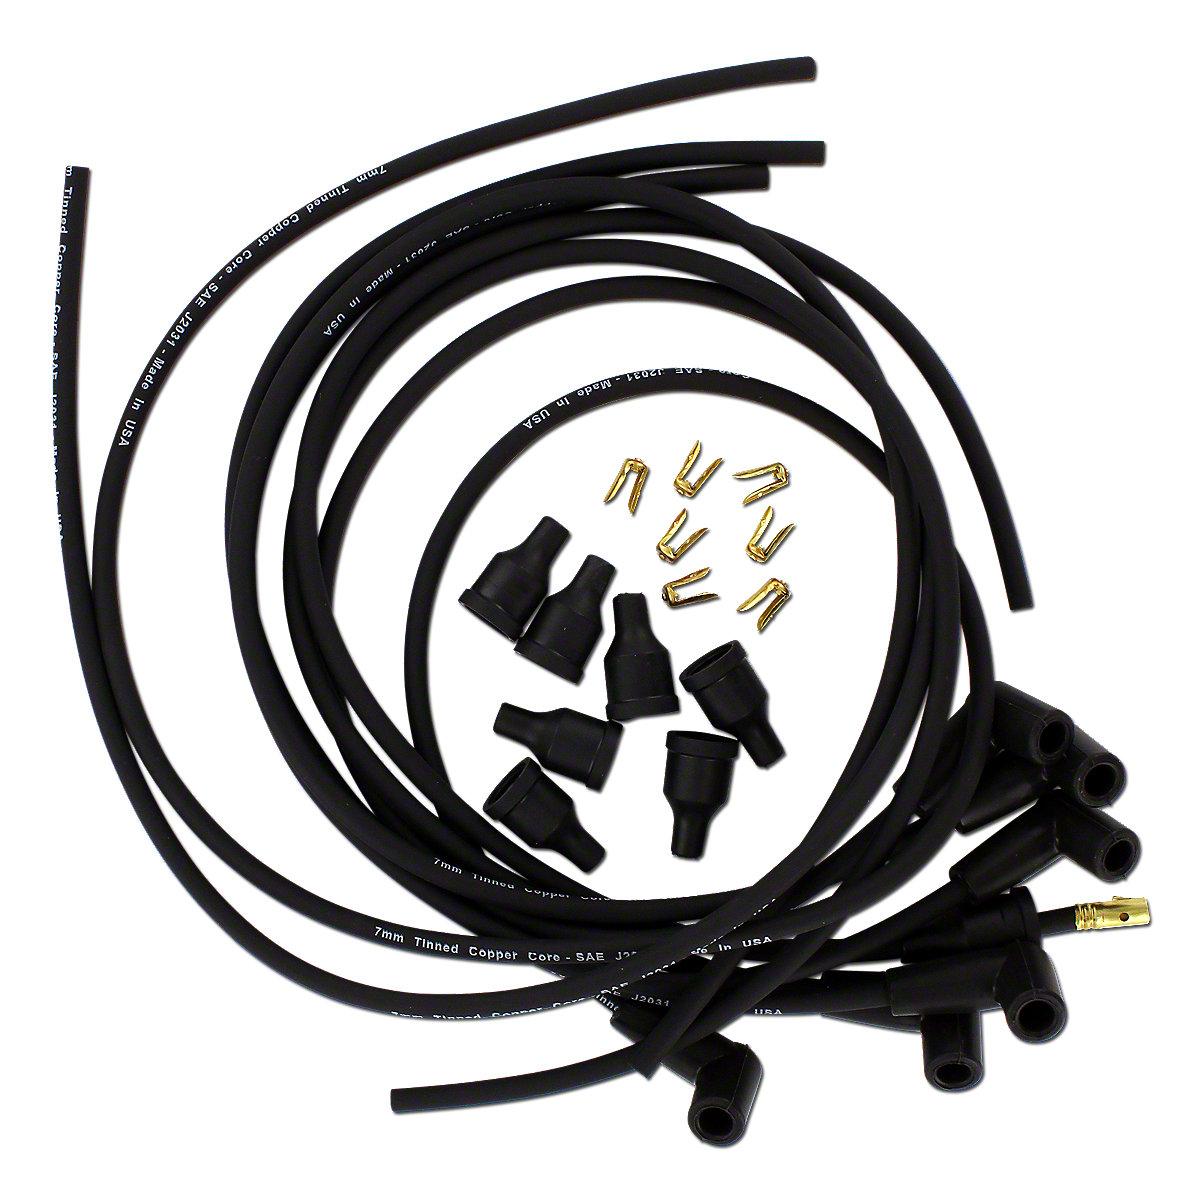 Spark Plug Wire Set For Allis Chalmers: 190XT, D19, 180, 185, 190.